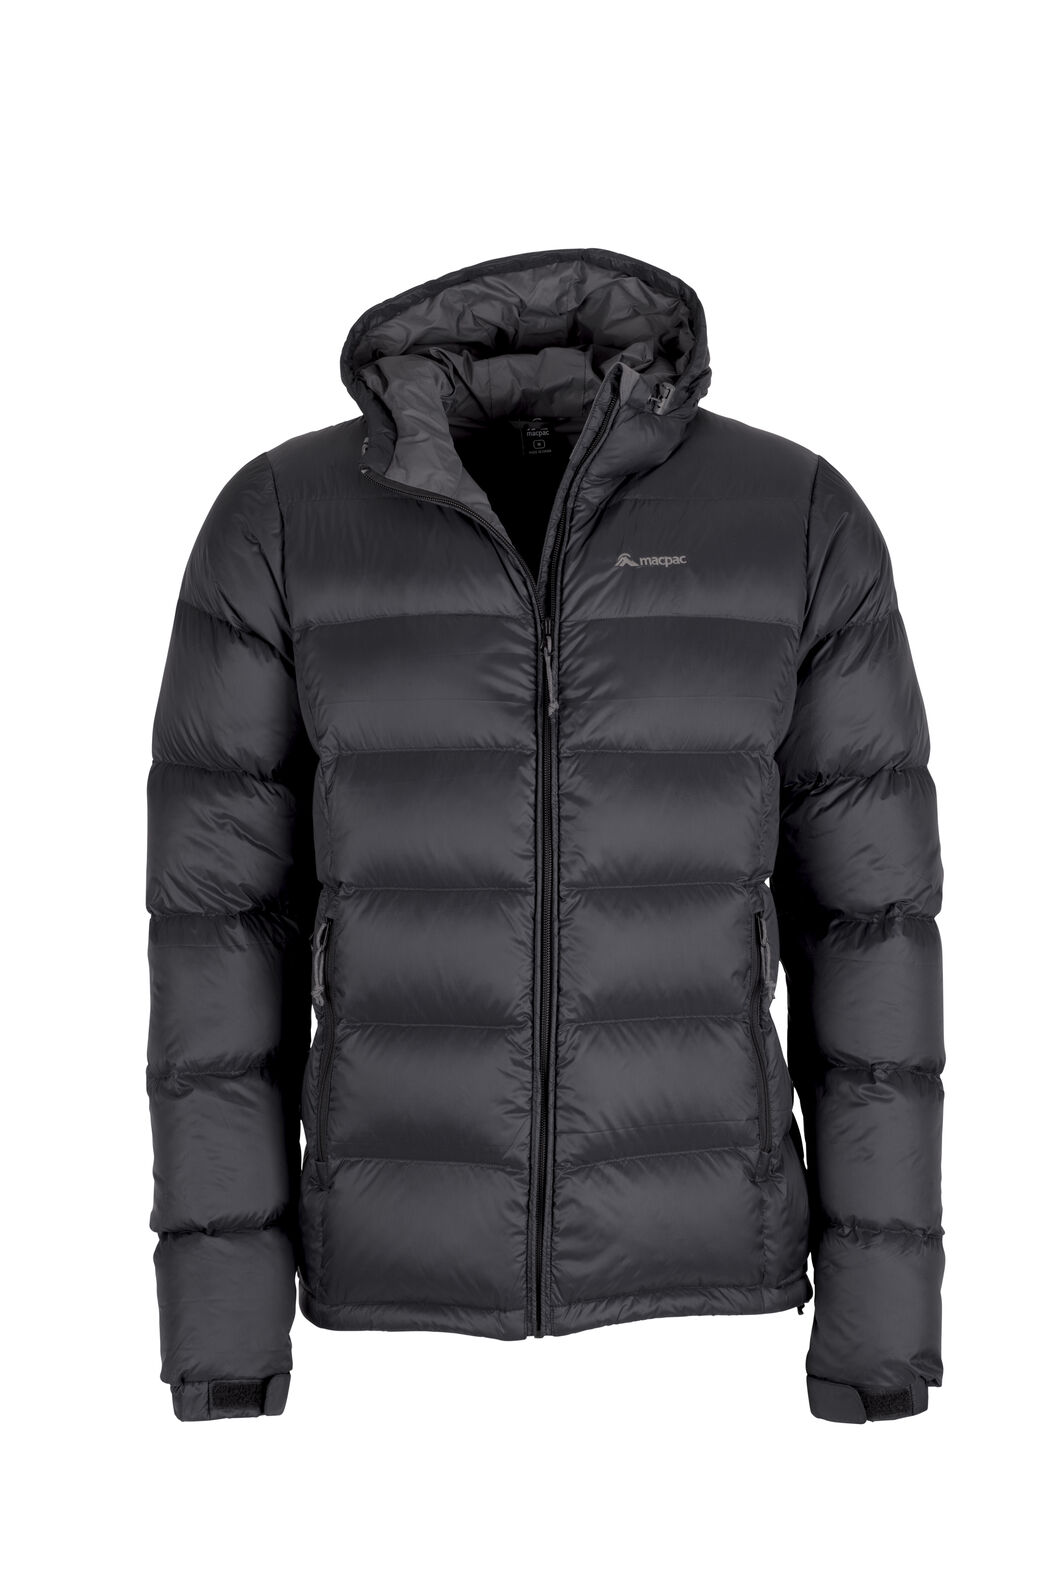 Macpac Halo Hooded Down Jacket - Men's, Black, hi-res